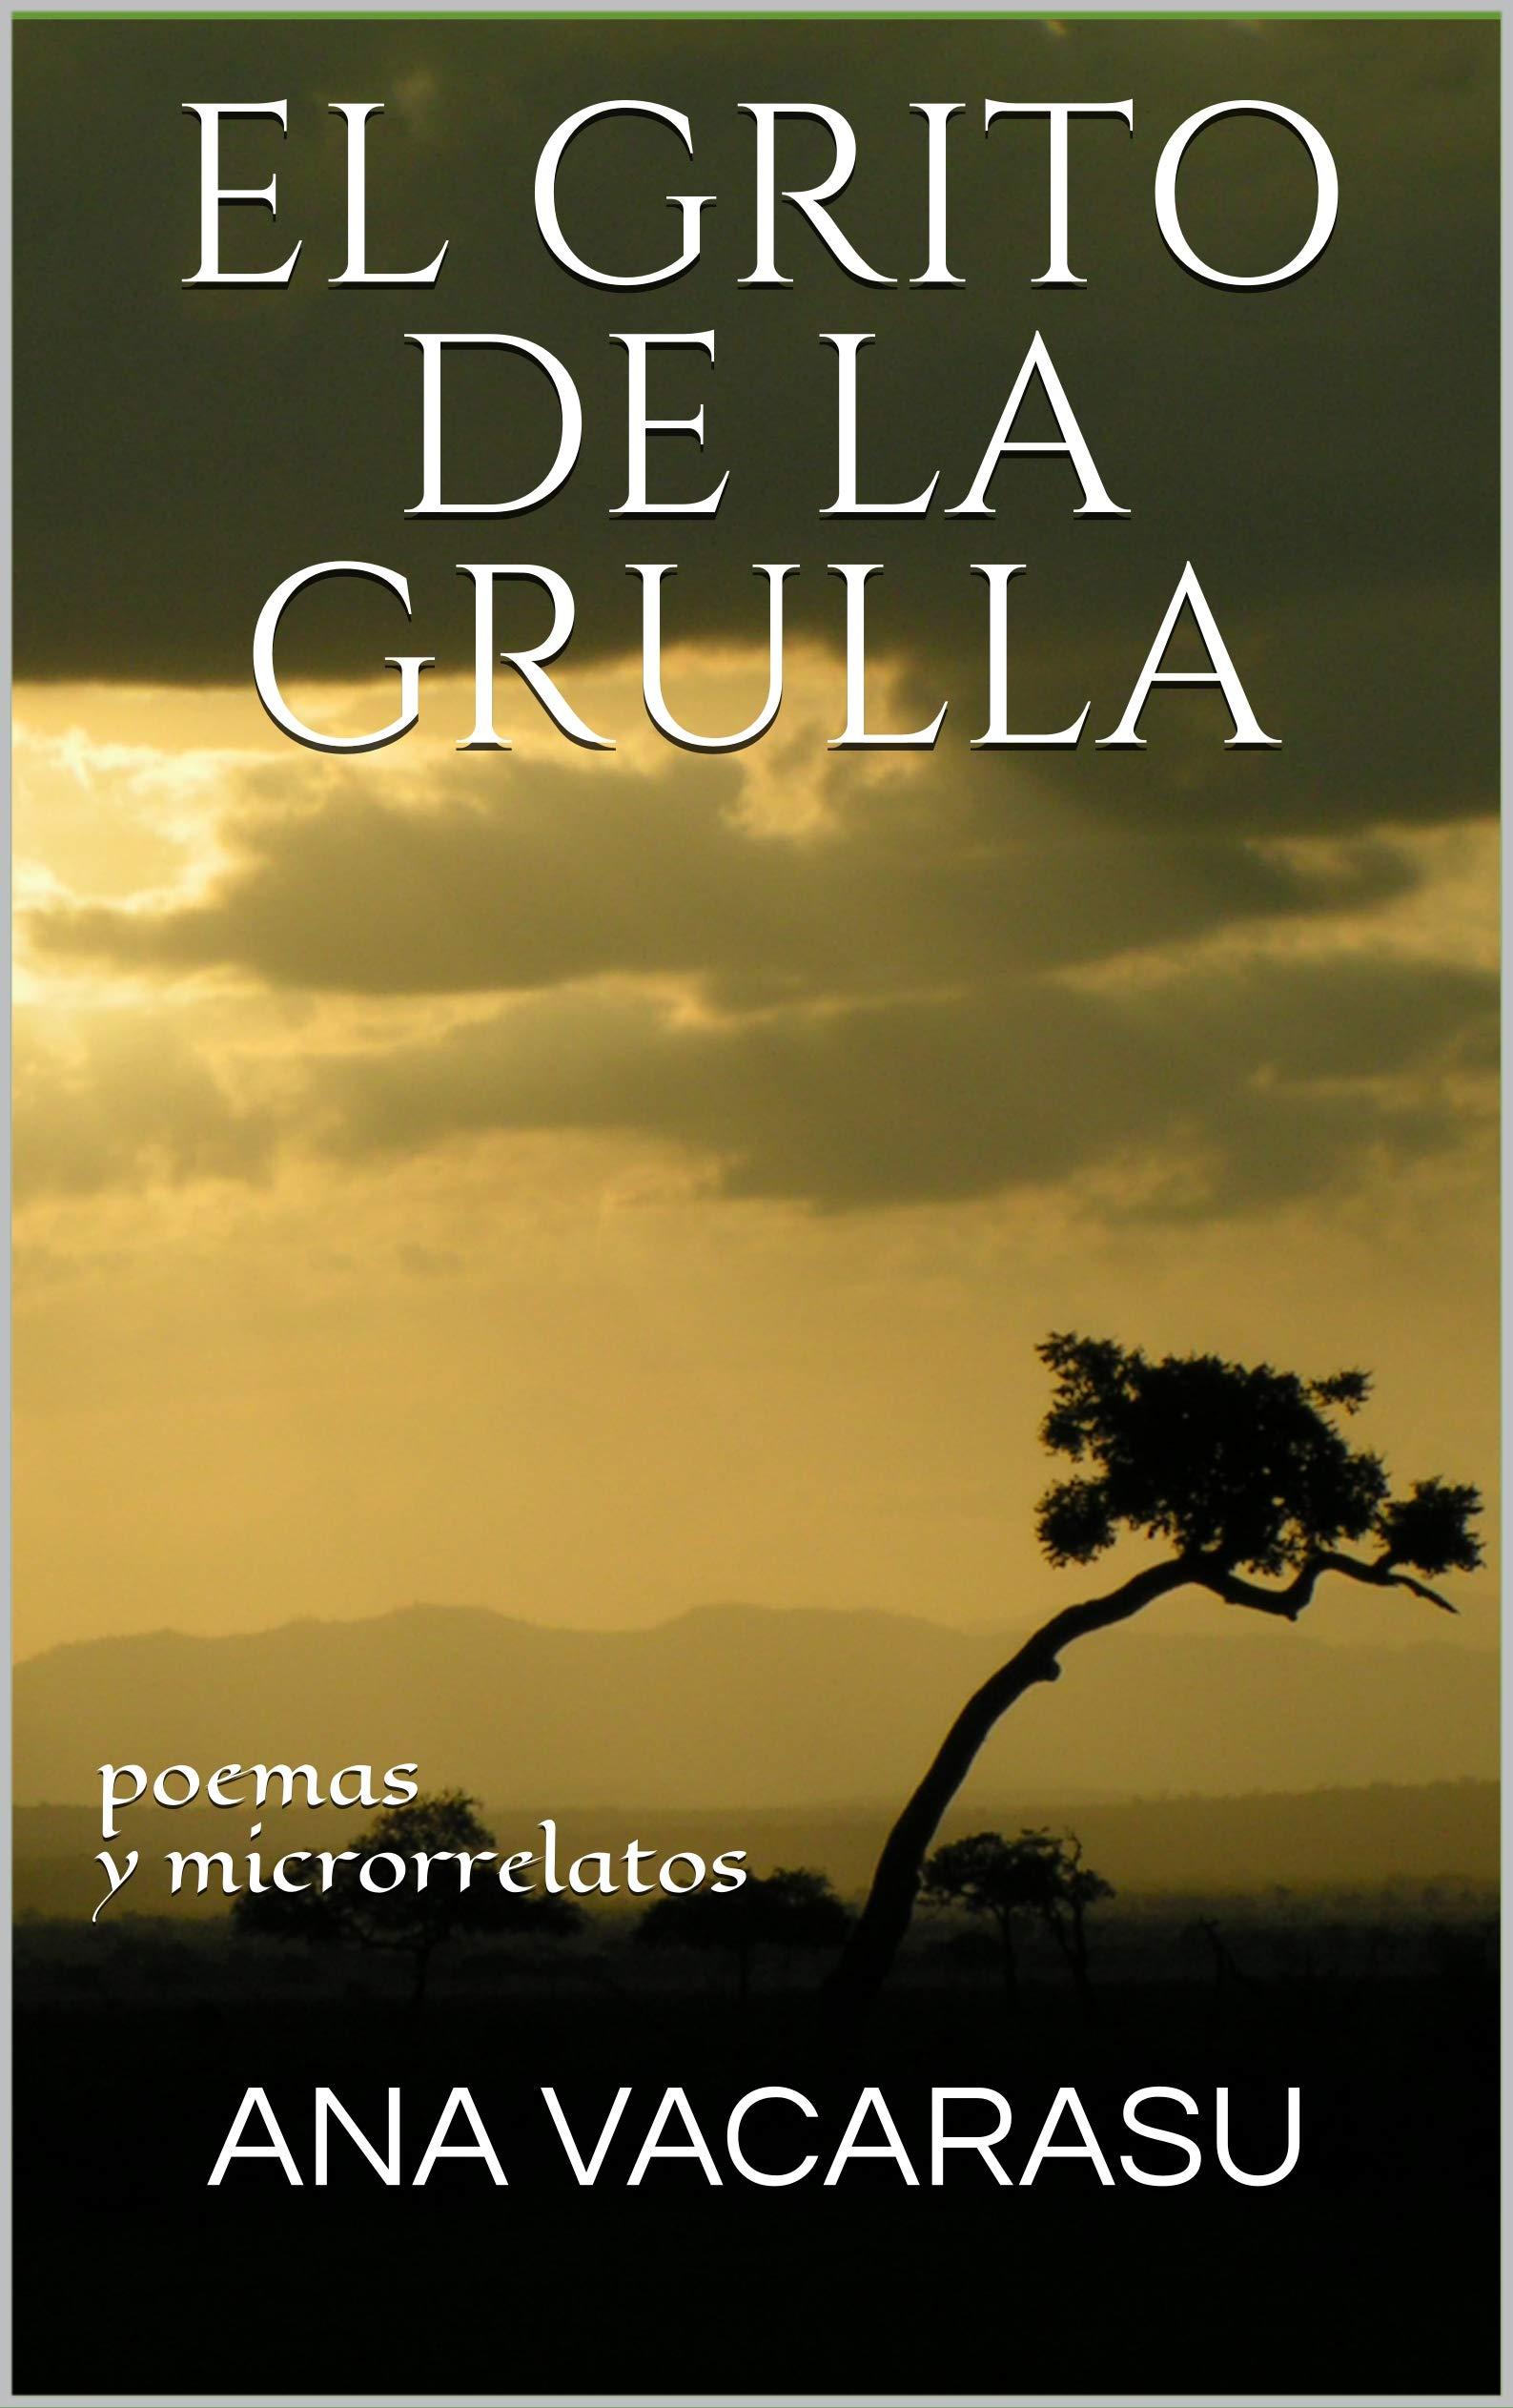 EL GRITO DE LA GRULLA: poemas y microrrelatos